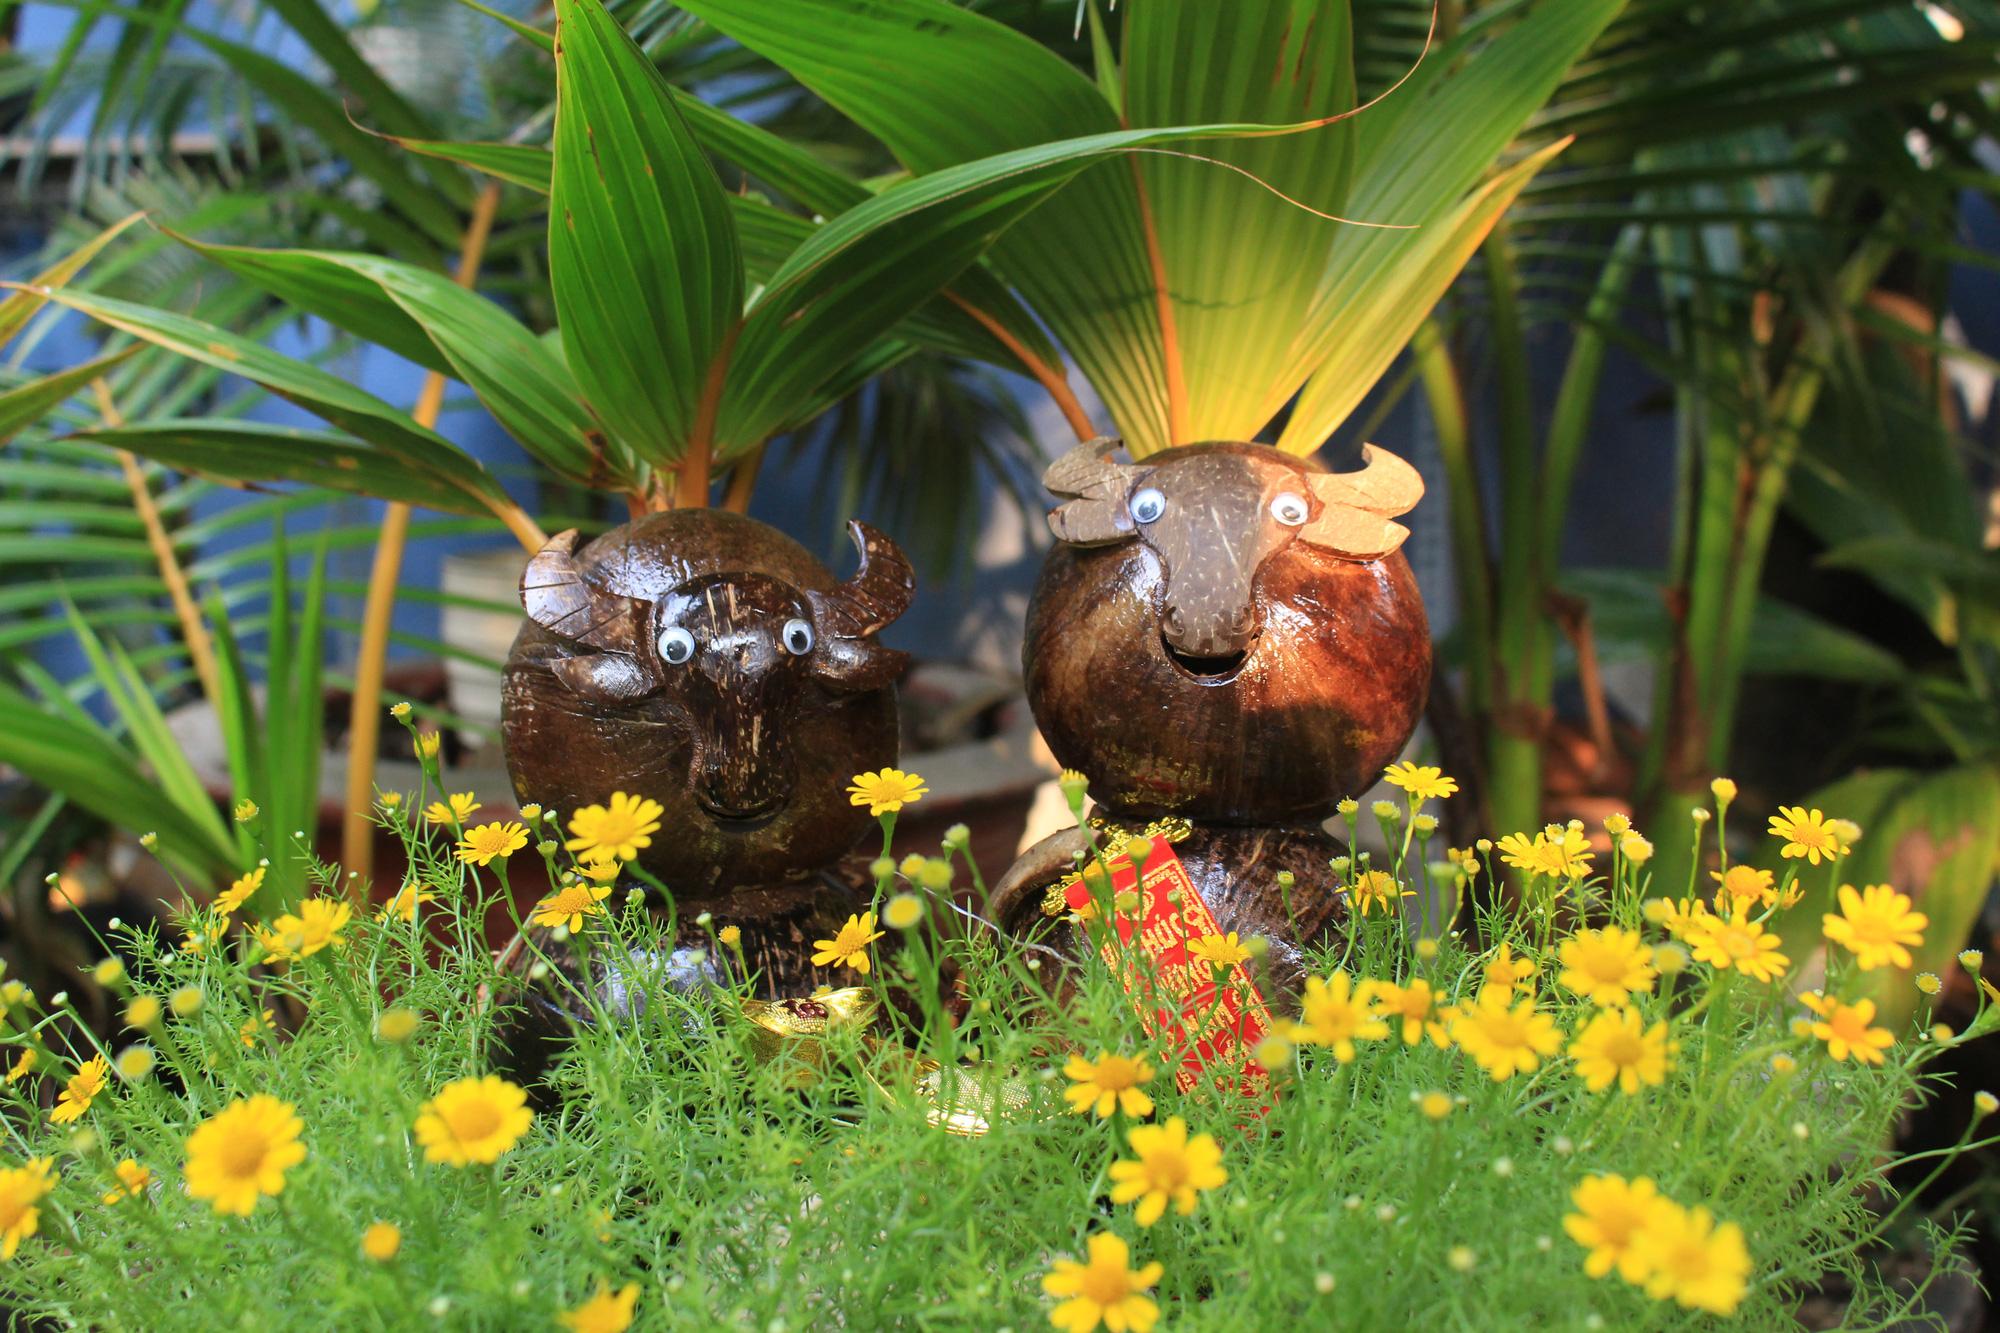 Độc đáo dừa khô bonsai hình trâu chơi Tết tiền triệu ở Sài Gòn - Ảnh 3.